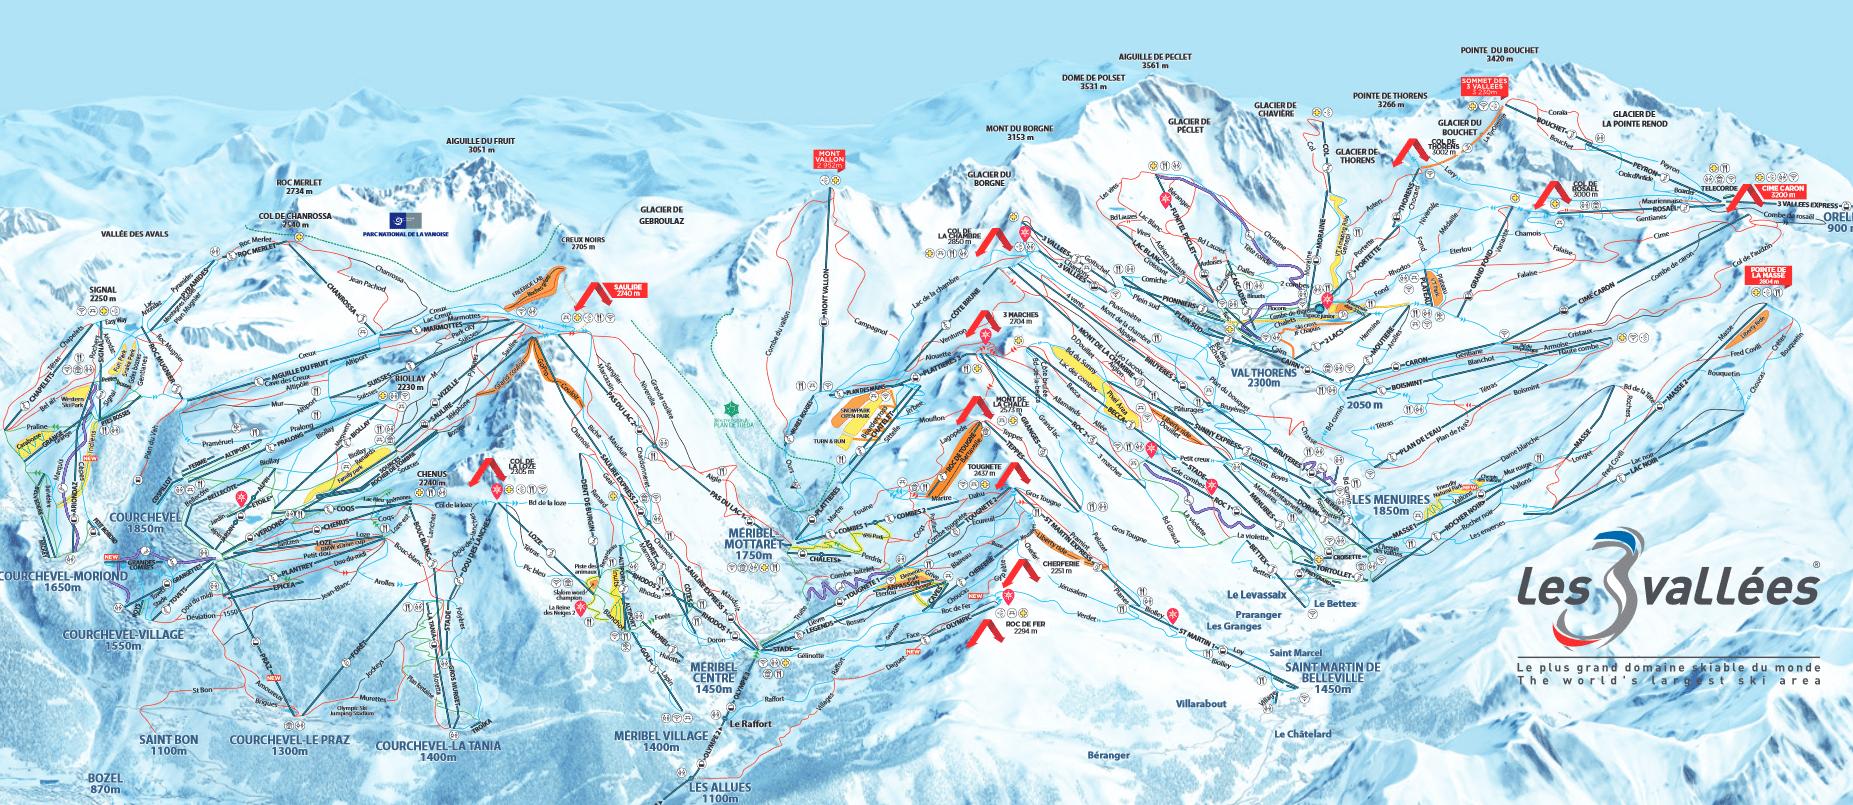 les trois vallées plan des pistes